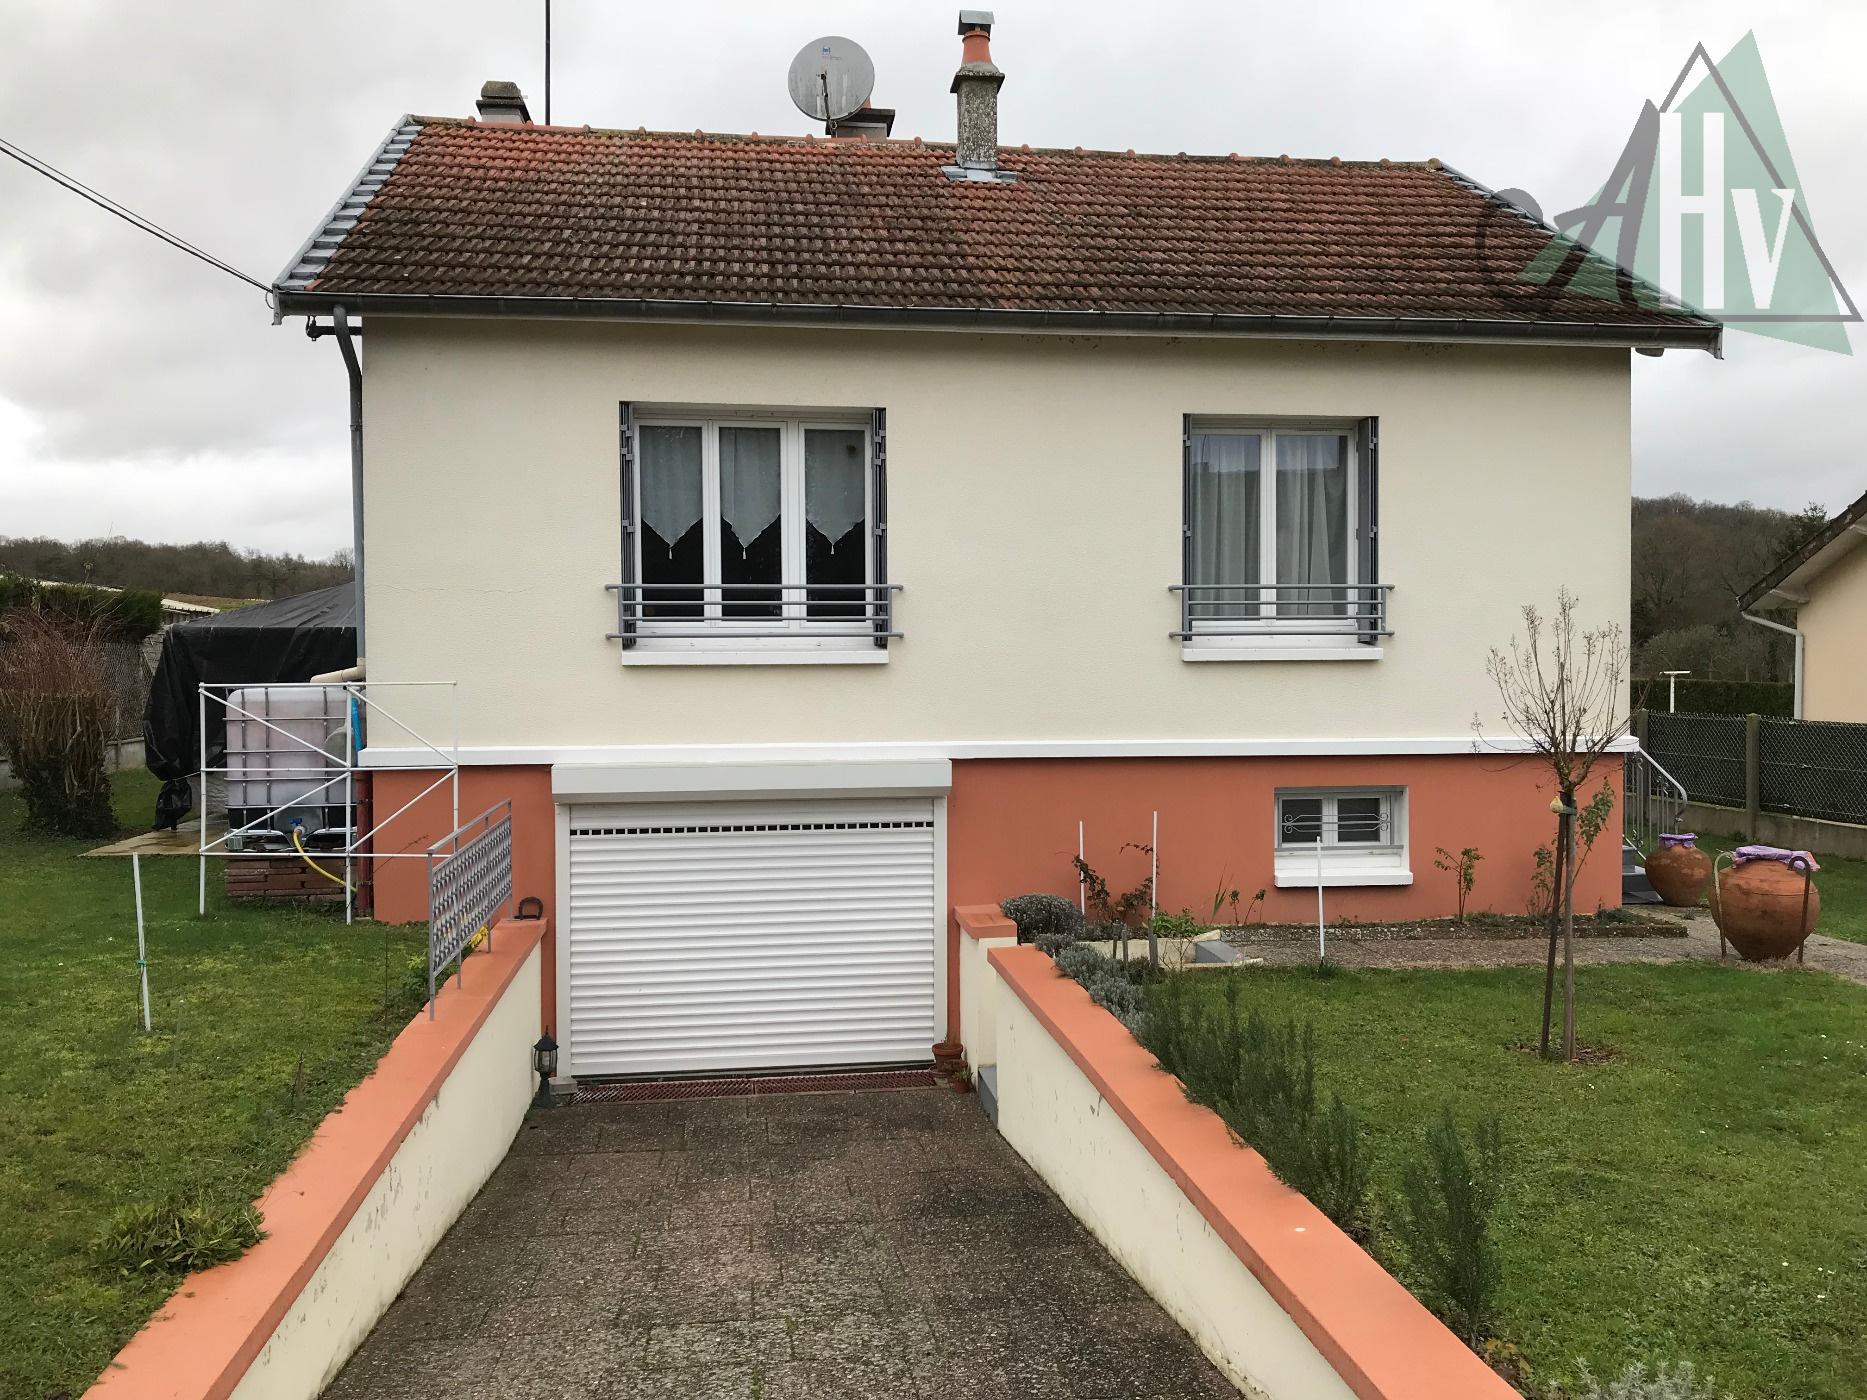 Vente maison traditionnelle for Garage nogent sur seine